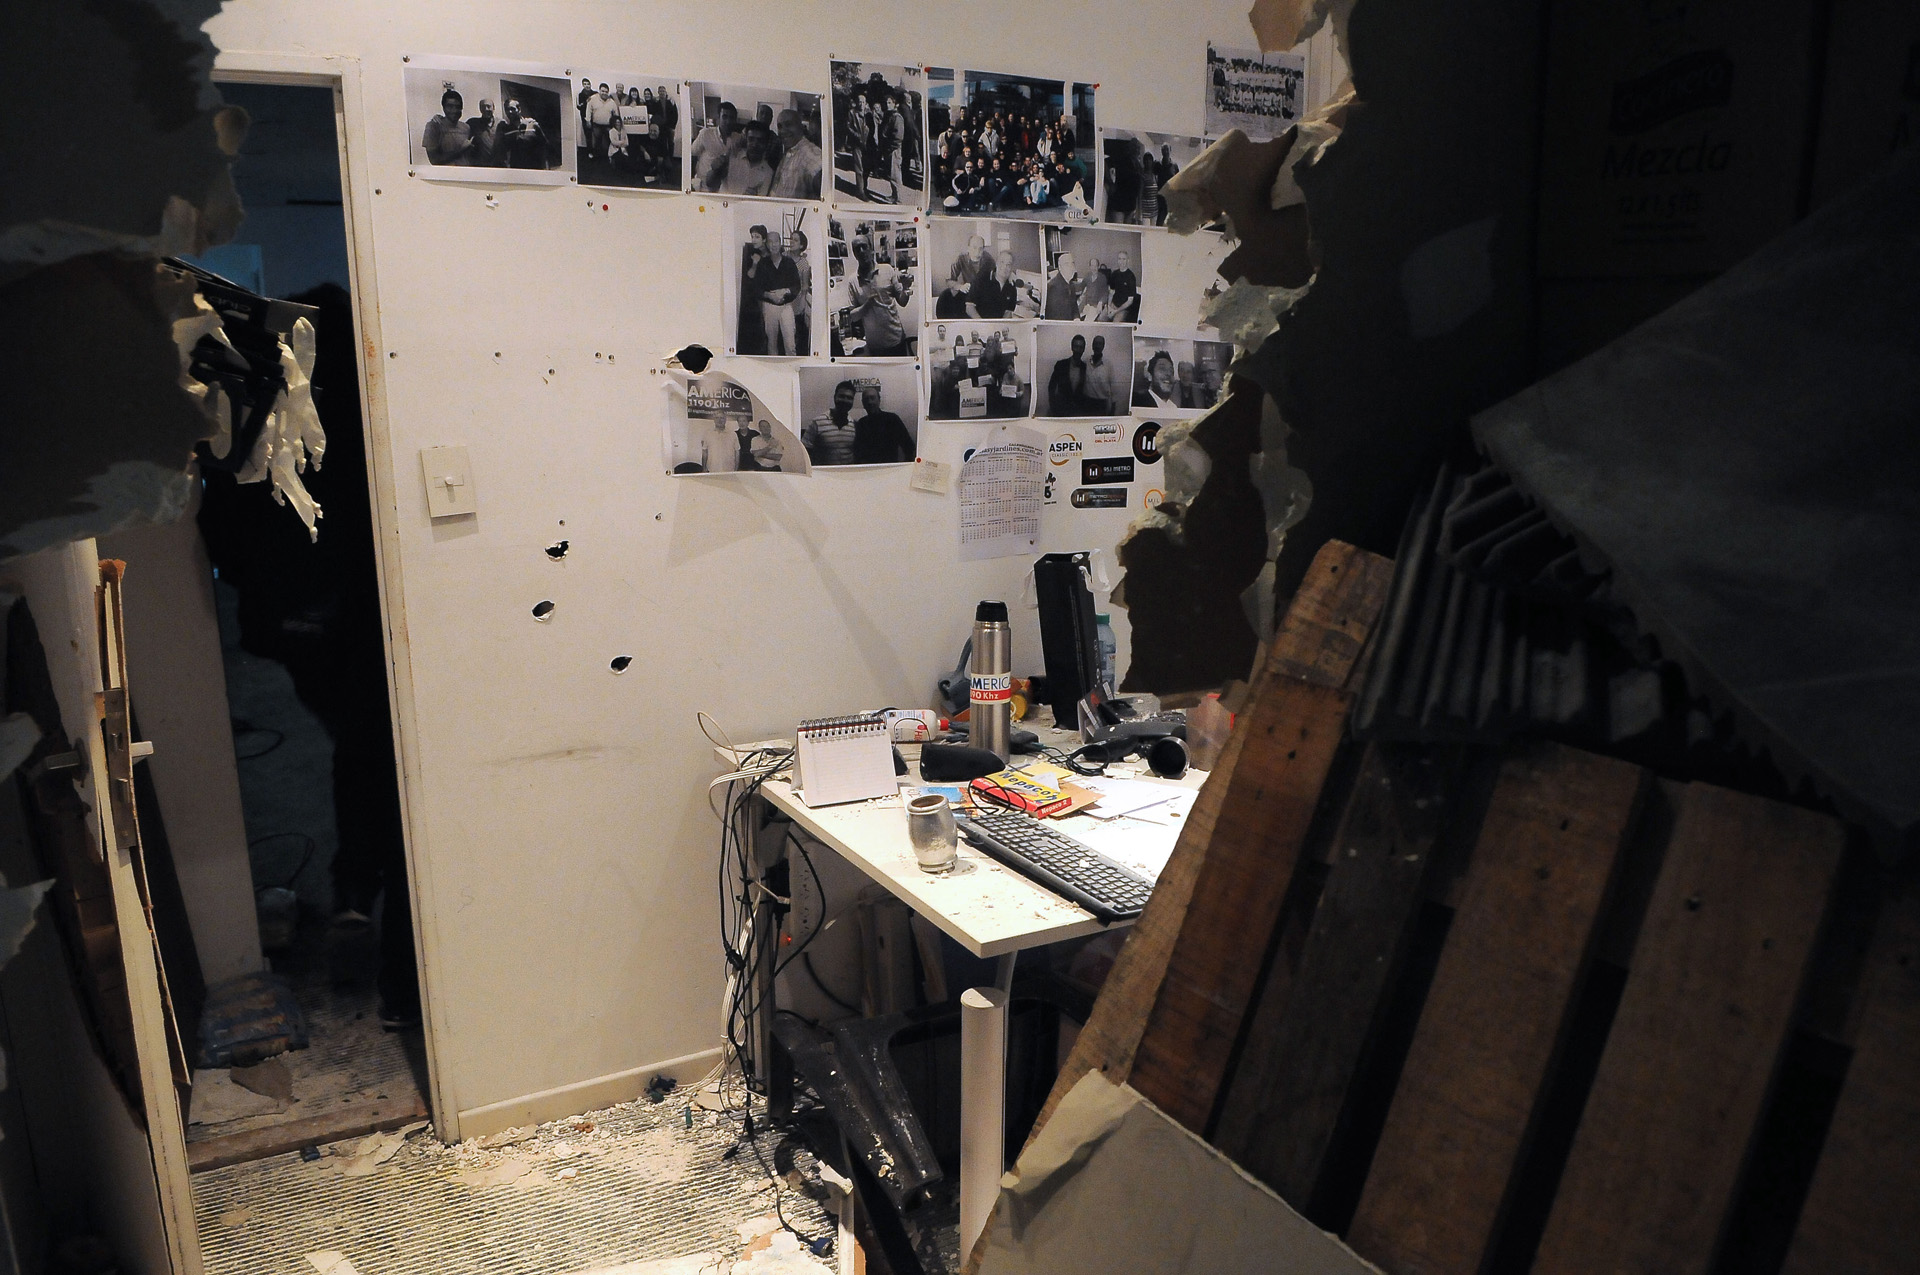 Trabajadores del diario Tiempo Argentino y Radio América fueron desalojados este domingo a la madrugada del edificio que ambos medios ocupan en el barrio de Palermo por un grupo de desconocidos que tomaron las instalaciones del lugar (Télam)